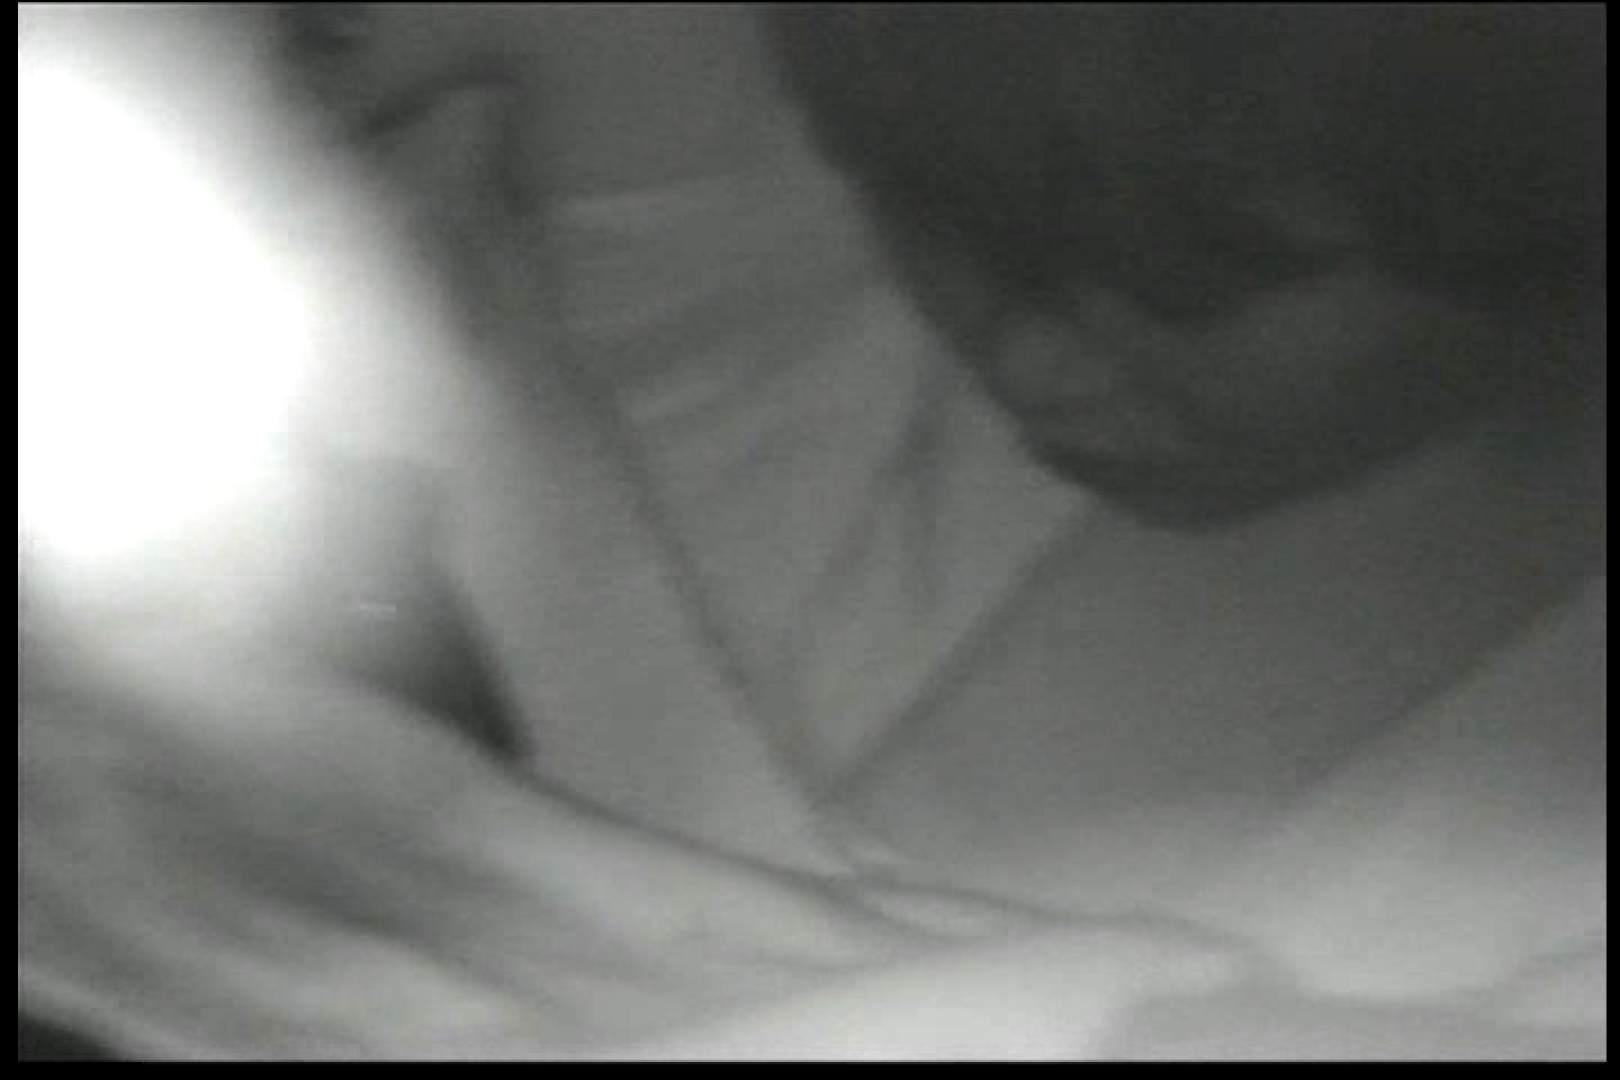 車の中はラブホテル 無修正版  Vol.12 感じるセックス オマンコ動画キャプチャ 109連発 67